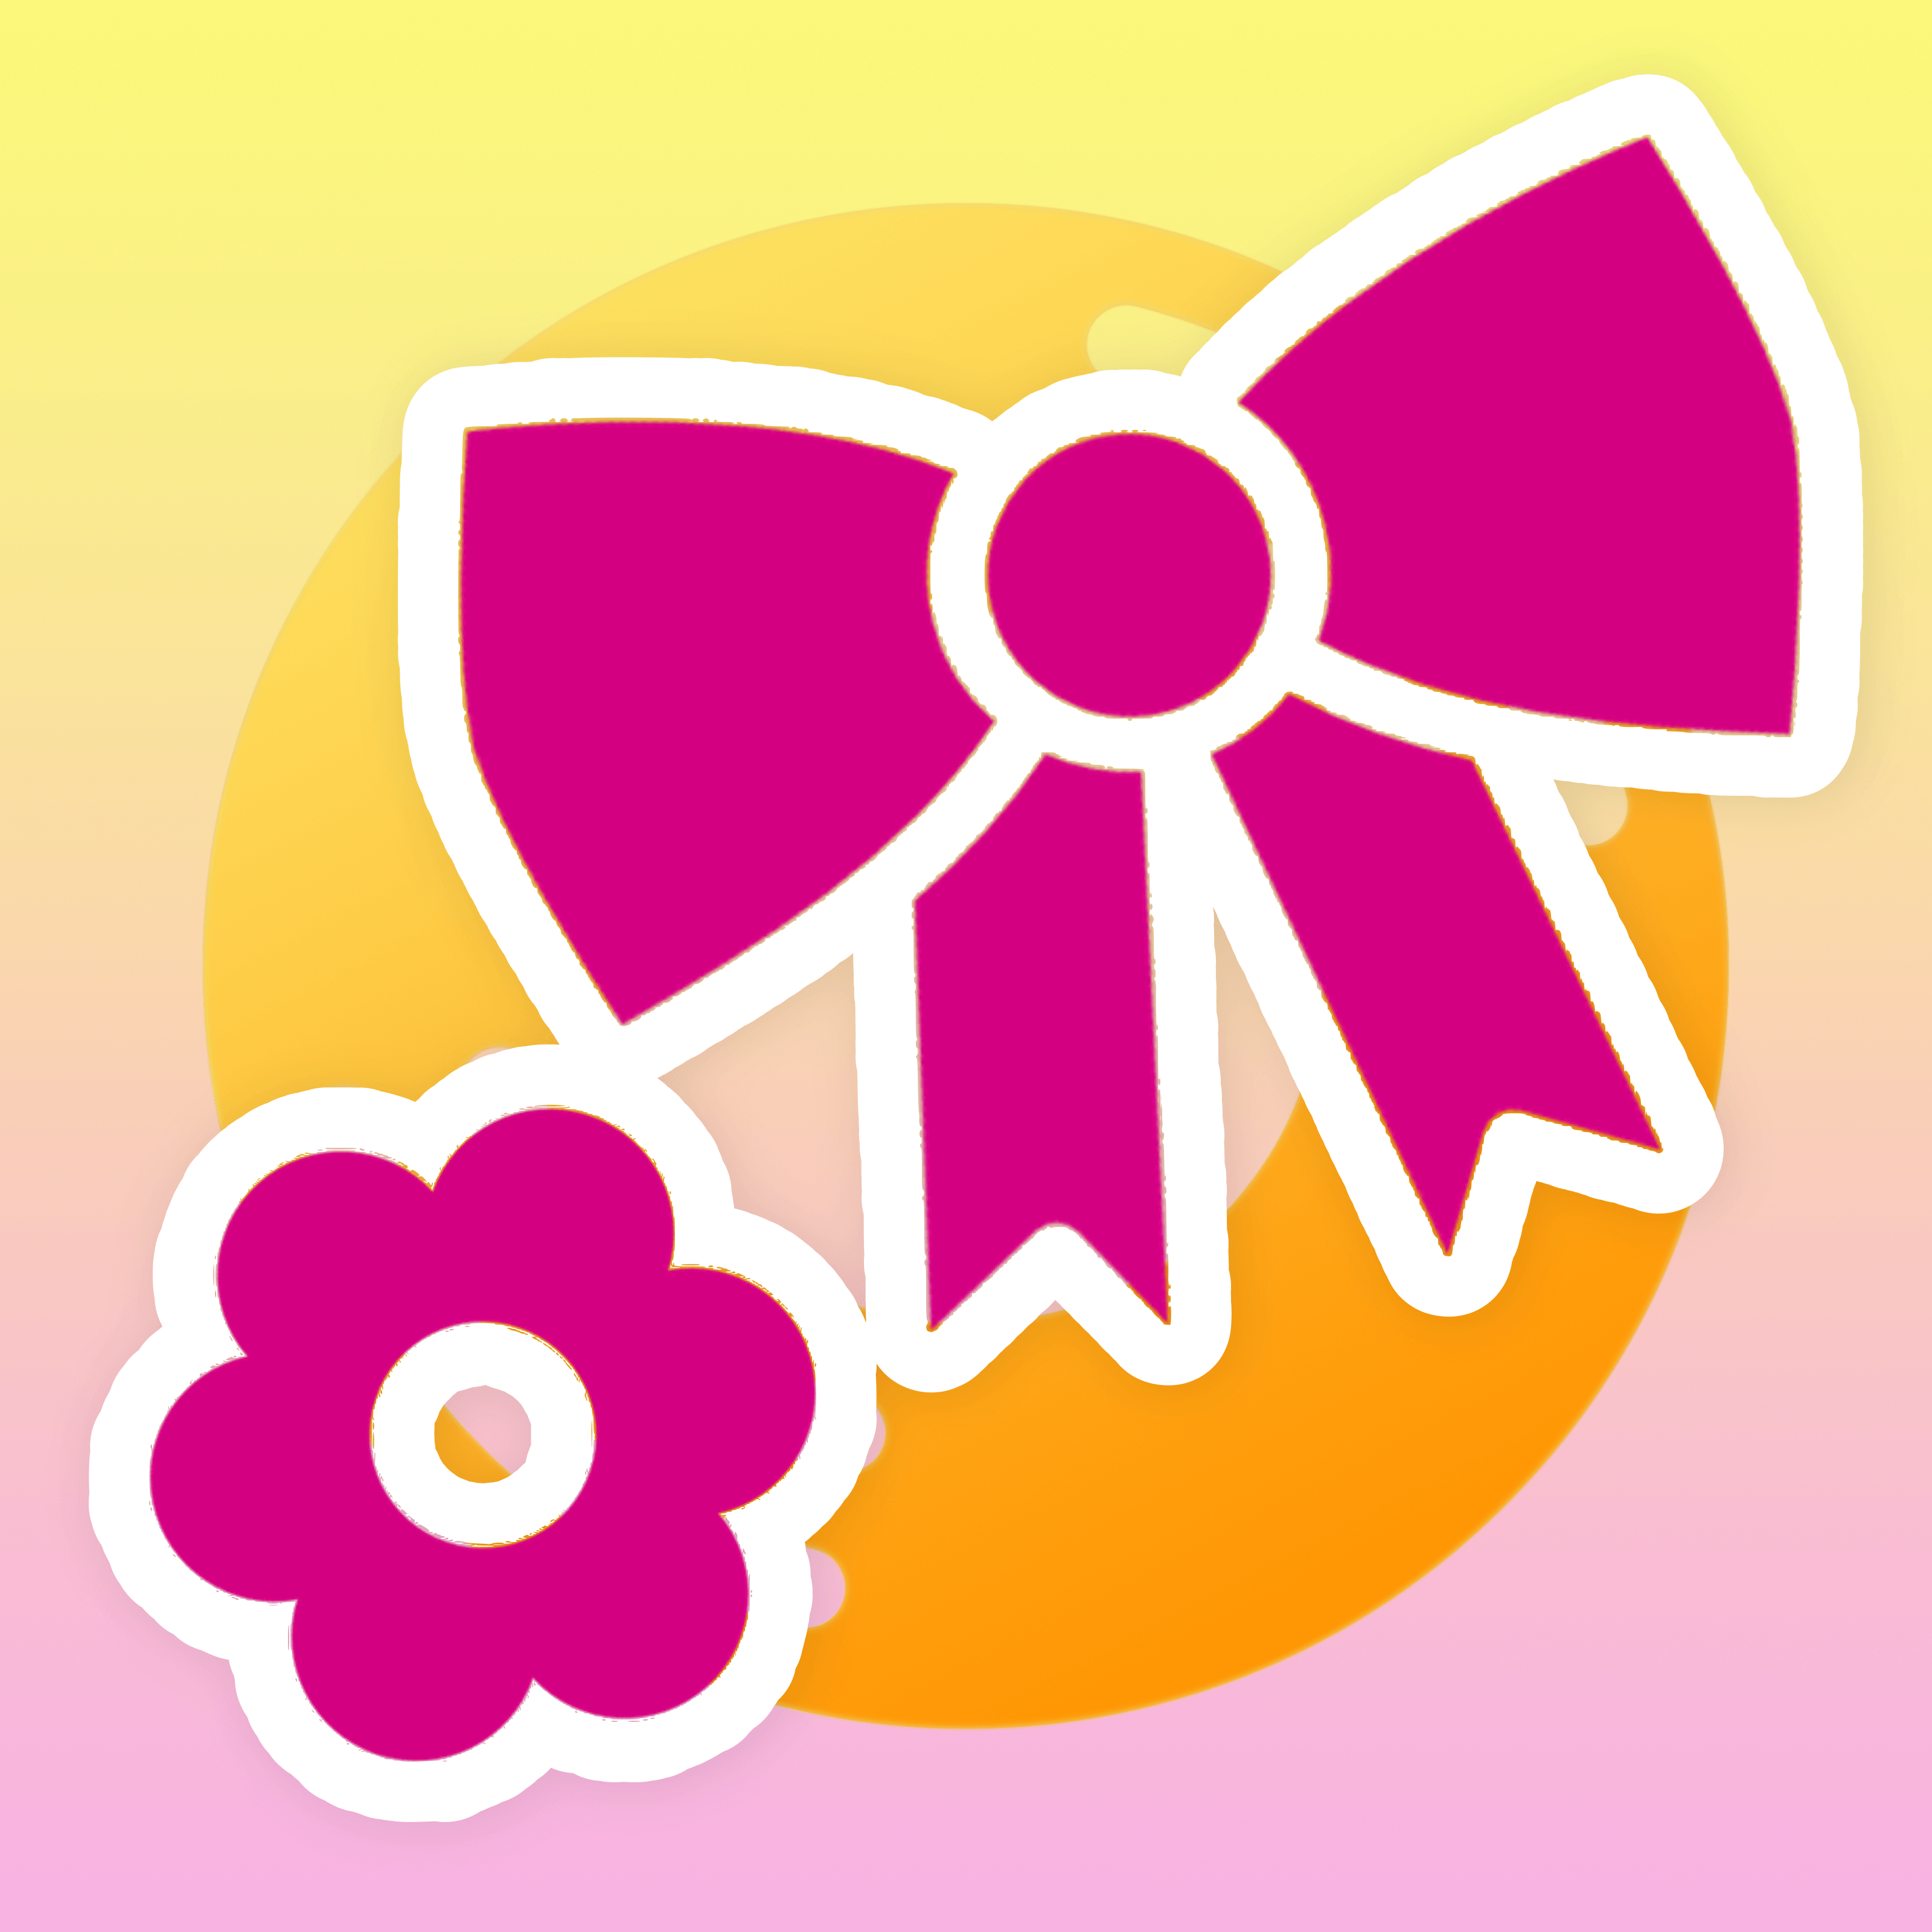 blxeberrie avatar